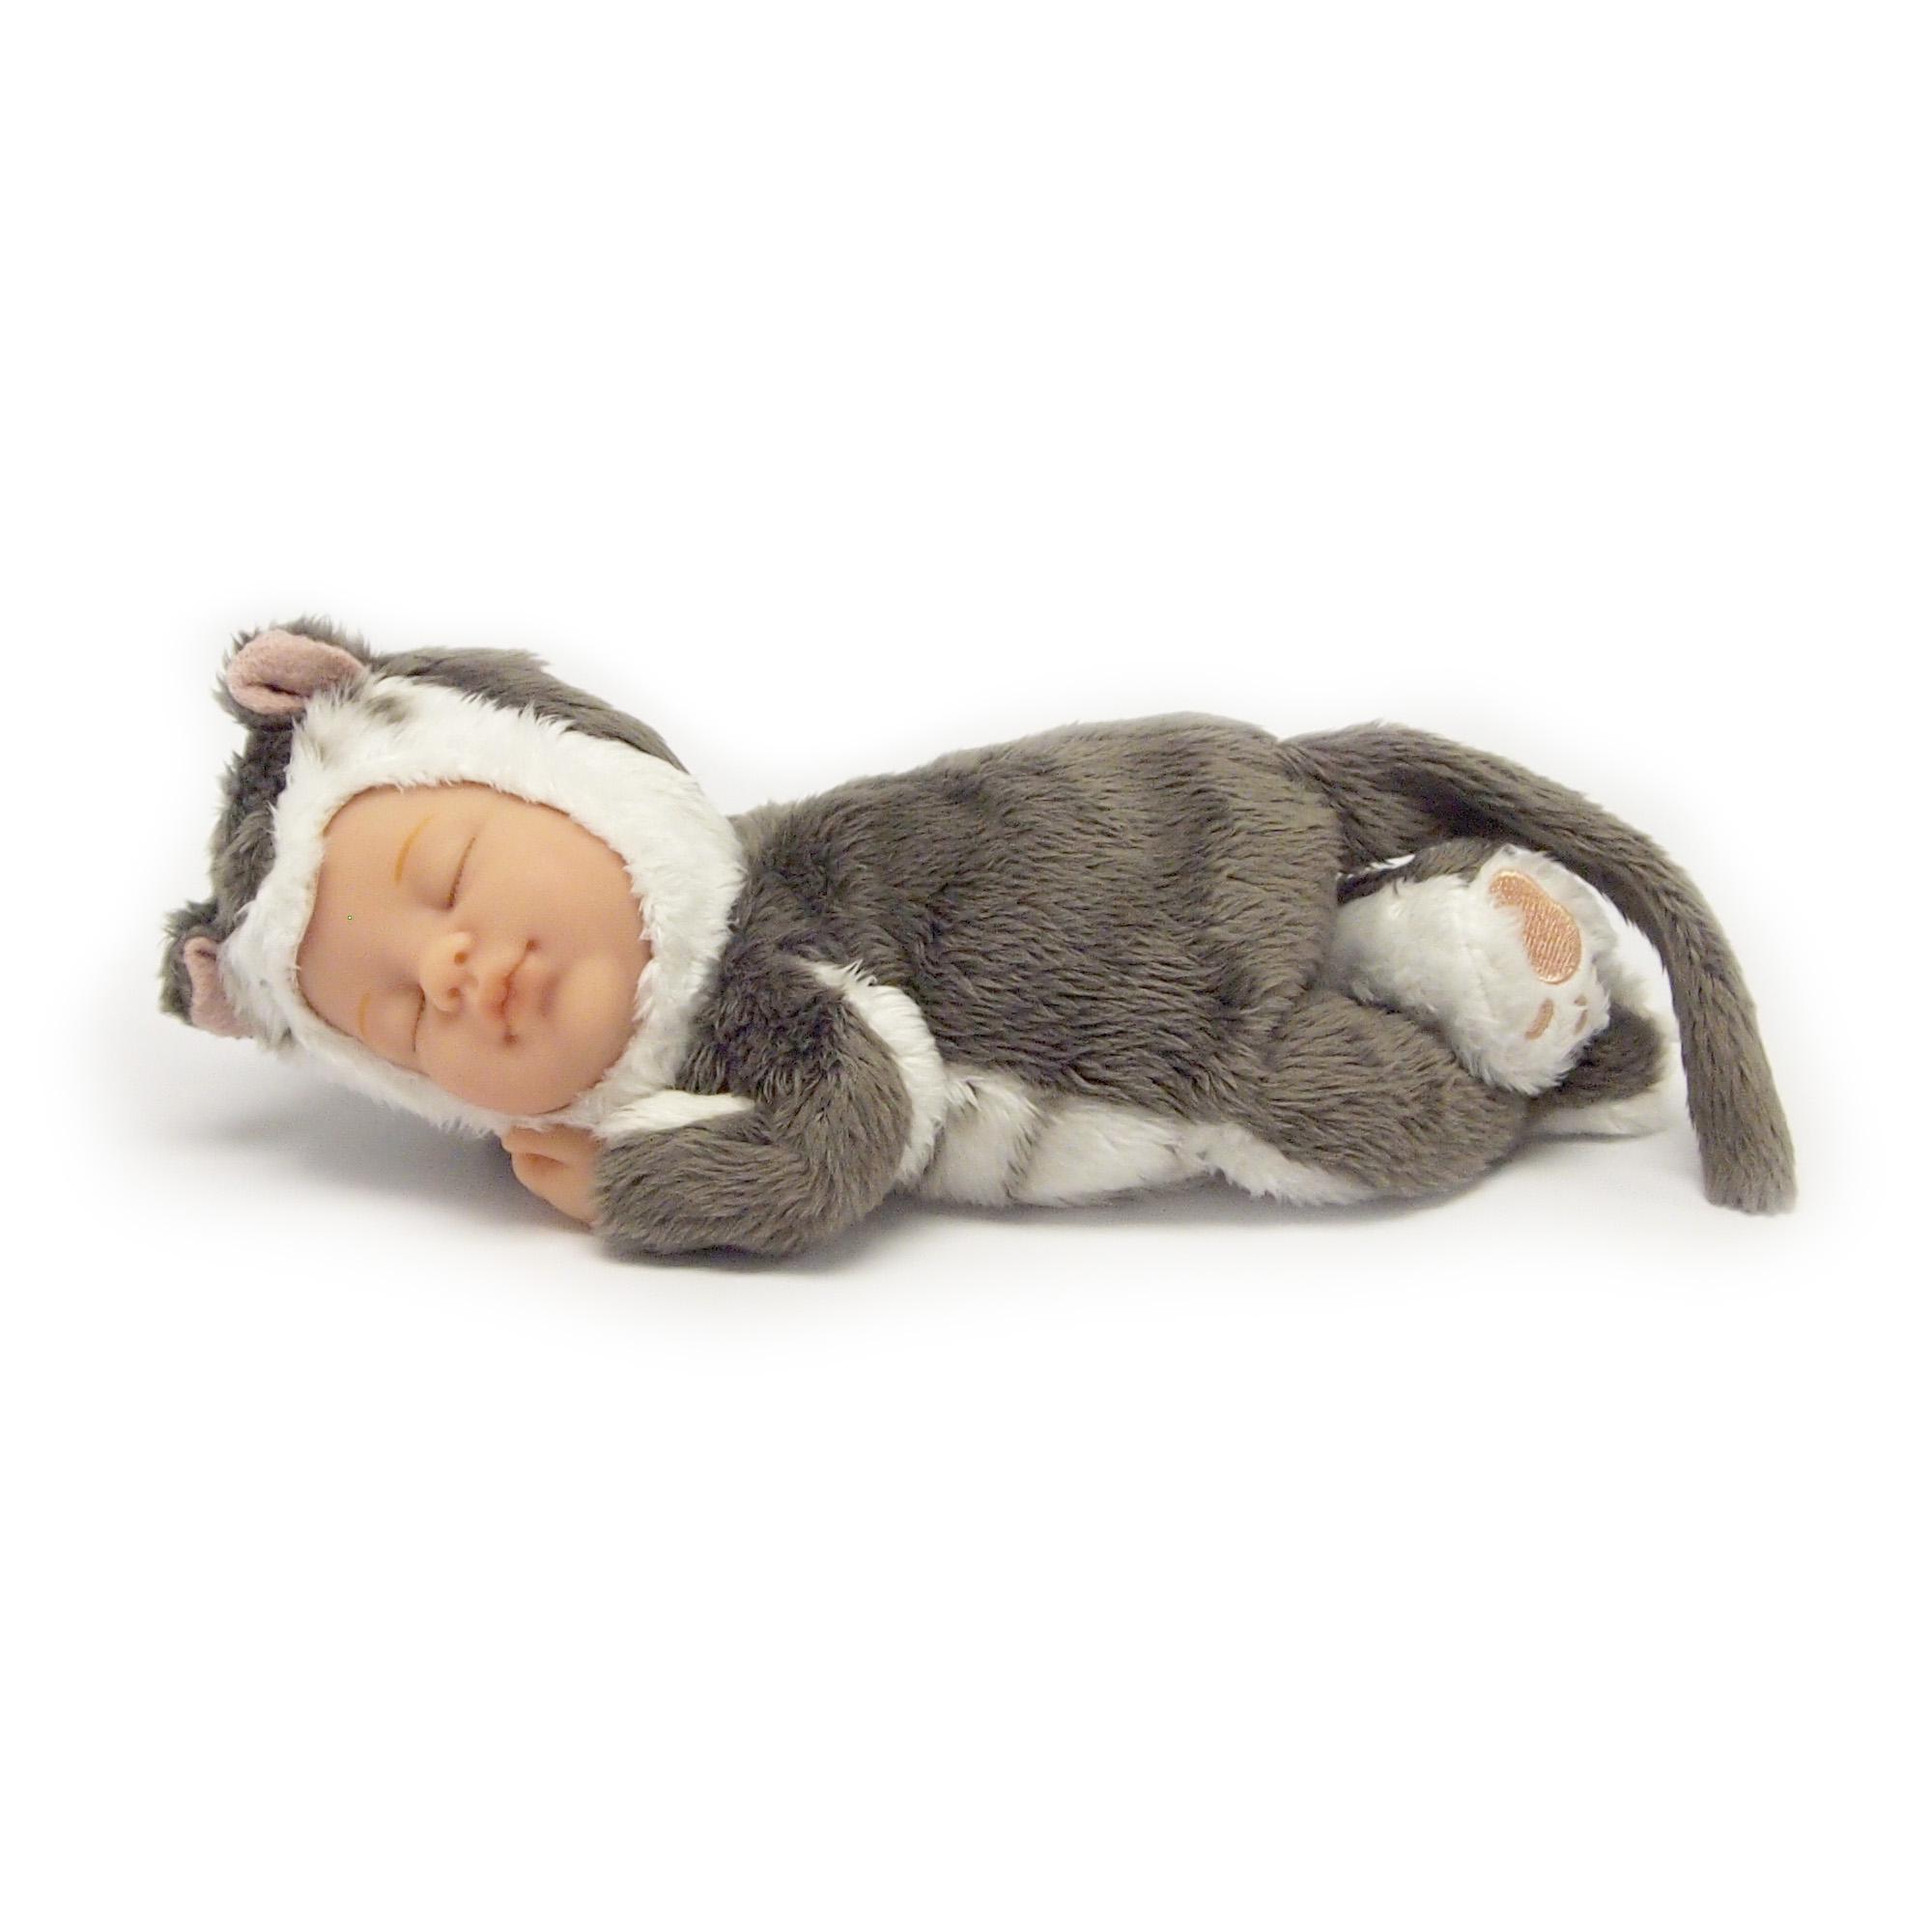 Baby Kitten.JPG